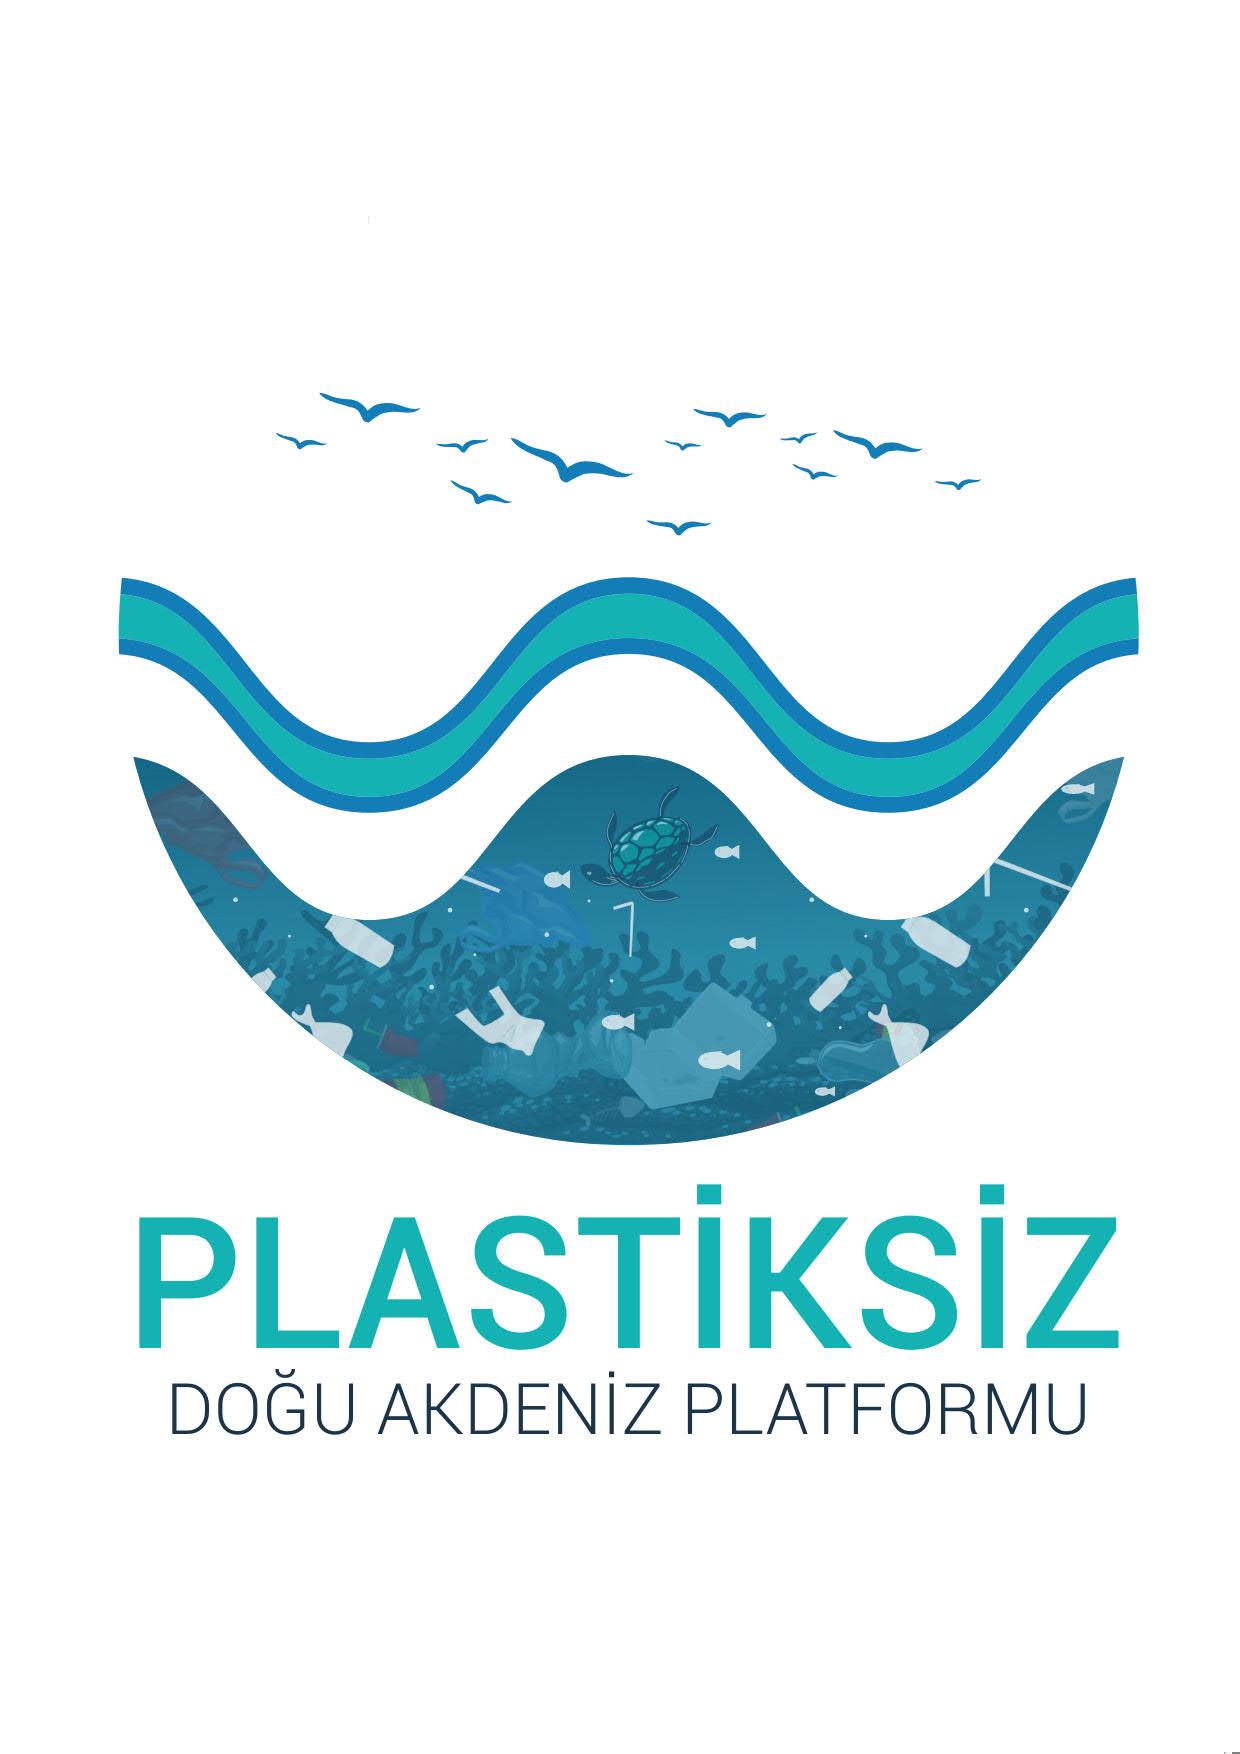 PLASTİKSİZ DOĞU AKDENİZ PLATFORMU'NDAN        Basına ve Kamuoyuna